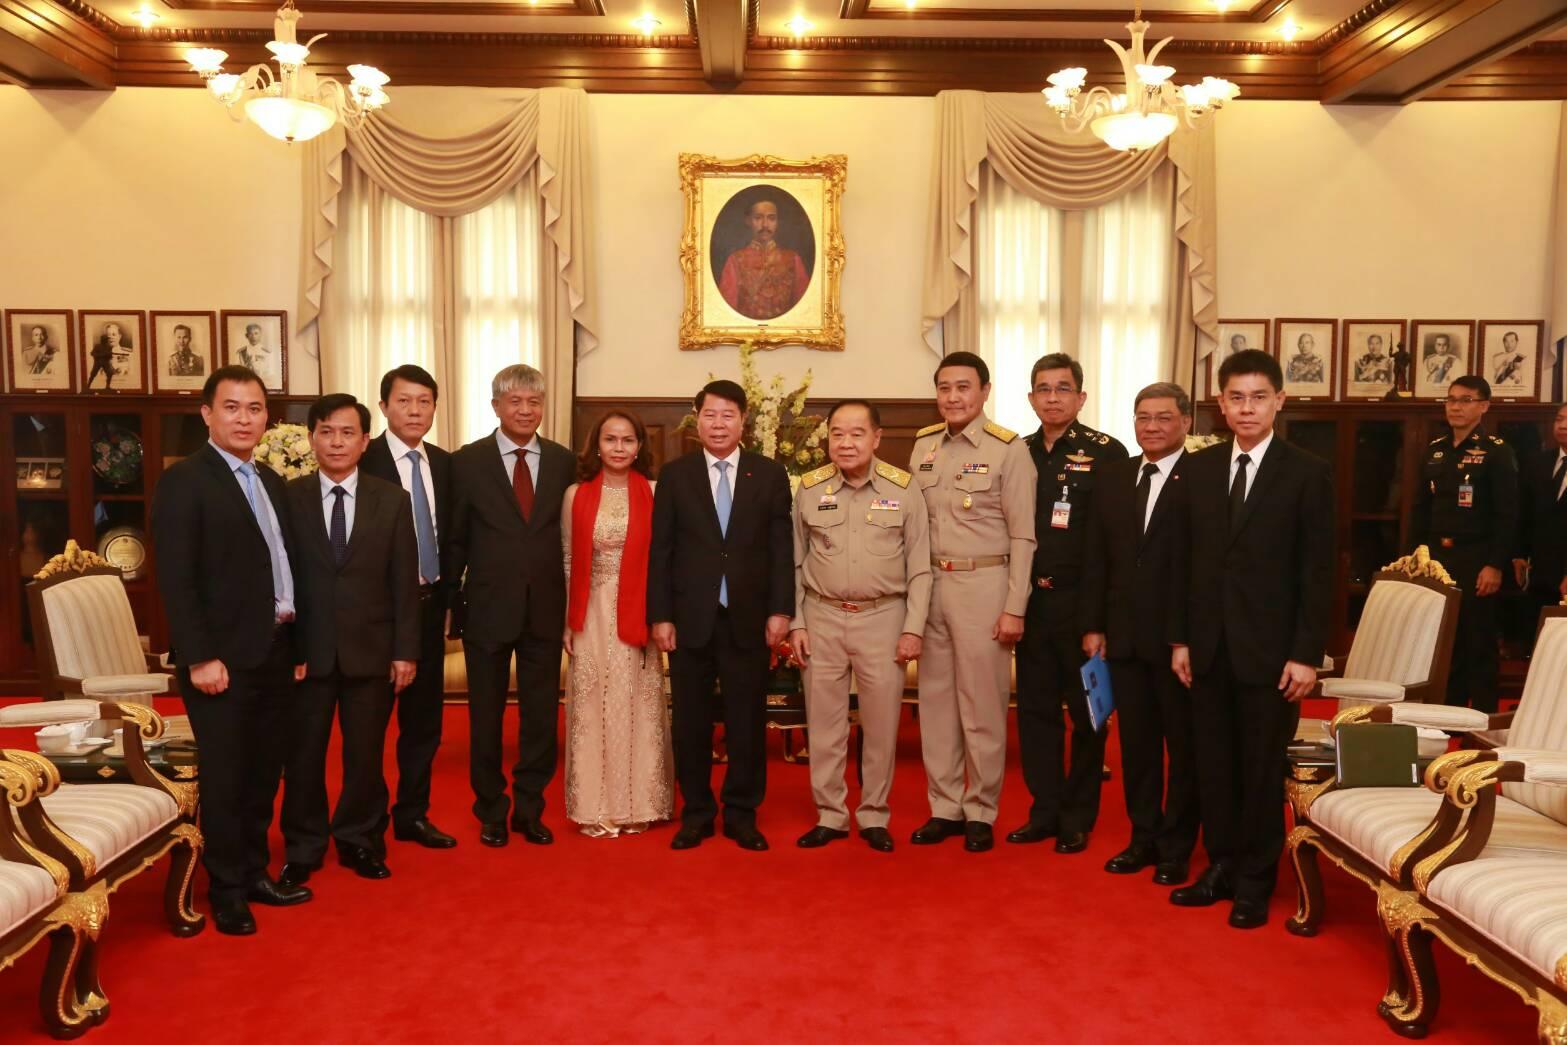 รัฐมนตรีช่วยว่าการกระทรวงความมั่นคงแห่งสาธารณรัฐสังคมนิยมเวียดนาม เข้าเยี่ยมคาราวะ รองนรม.และรมว.กห.